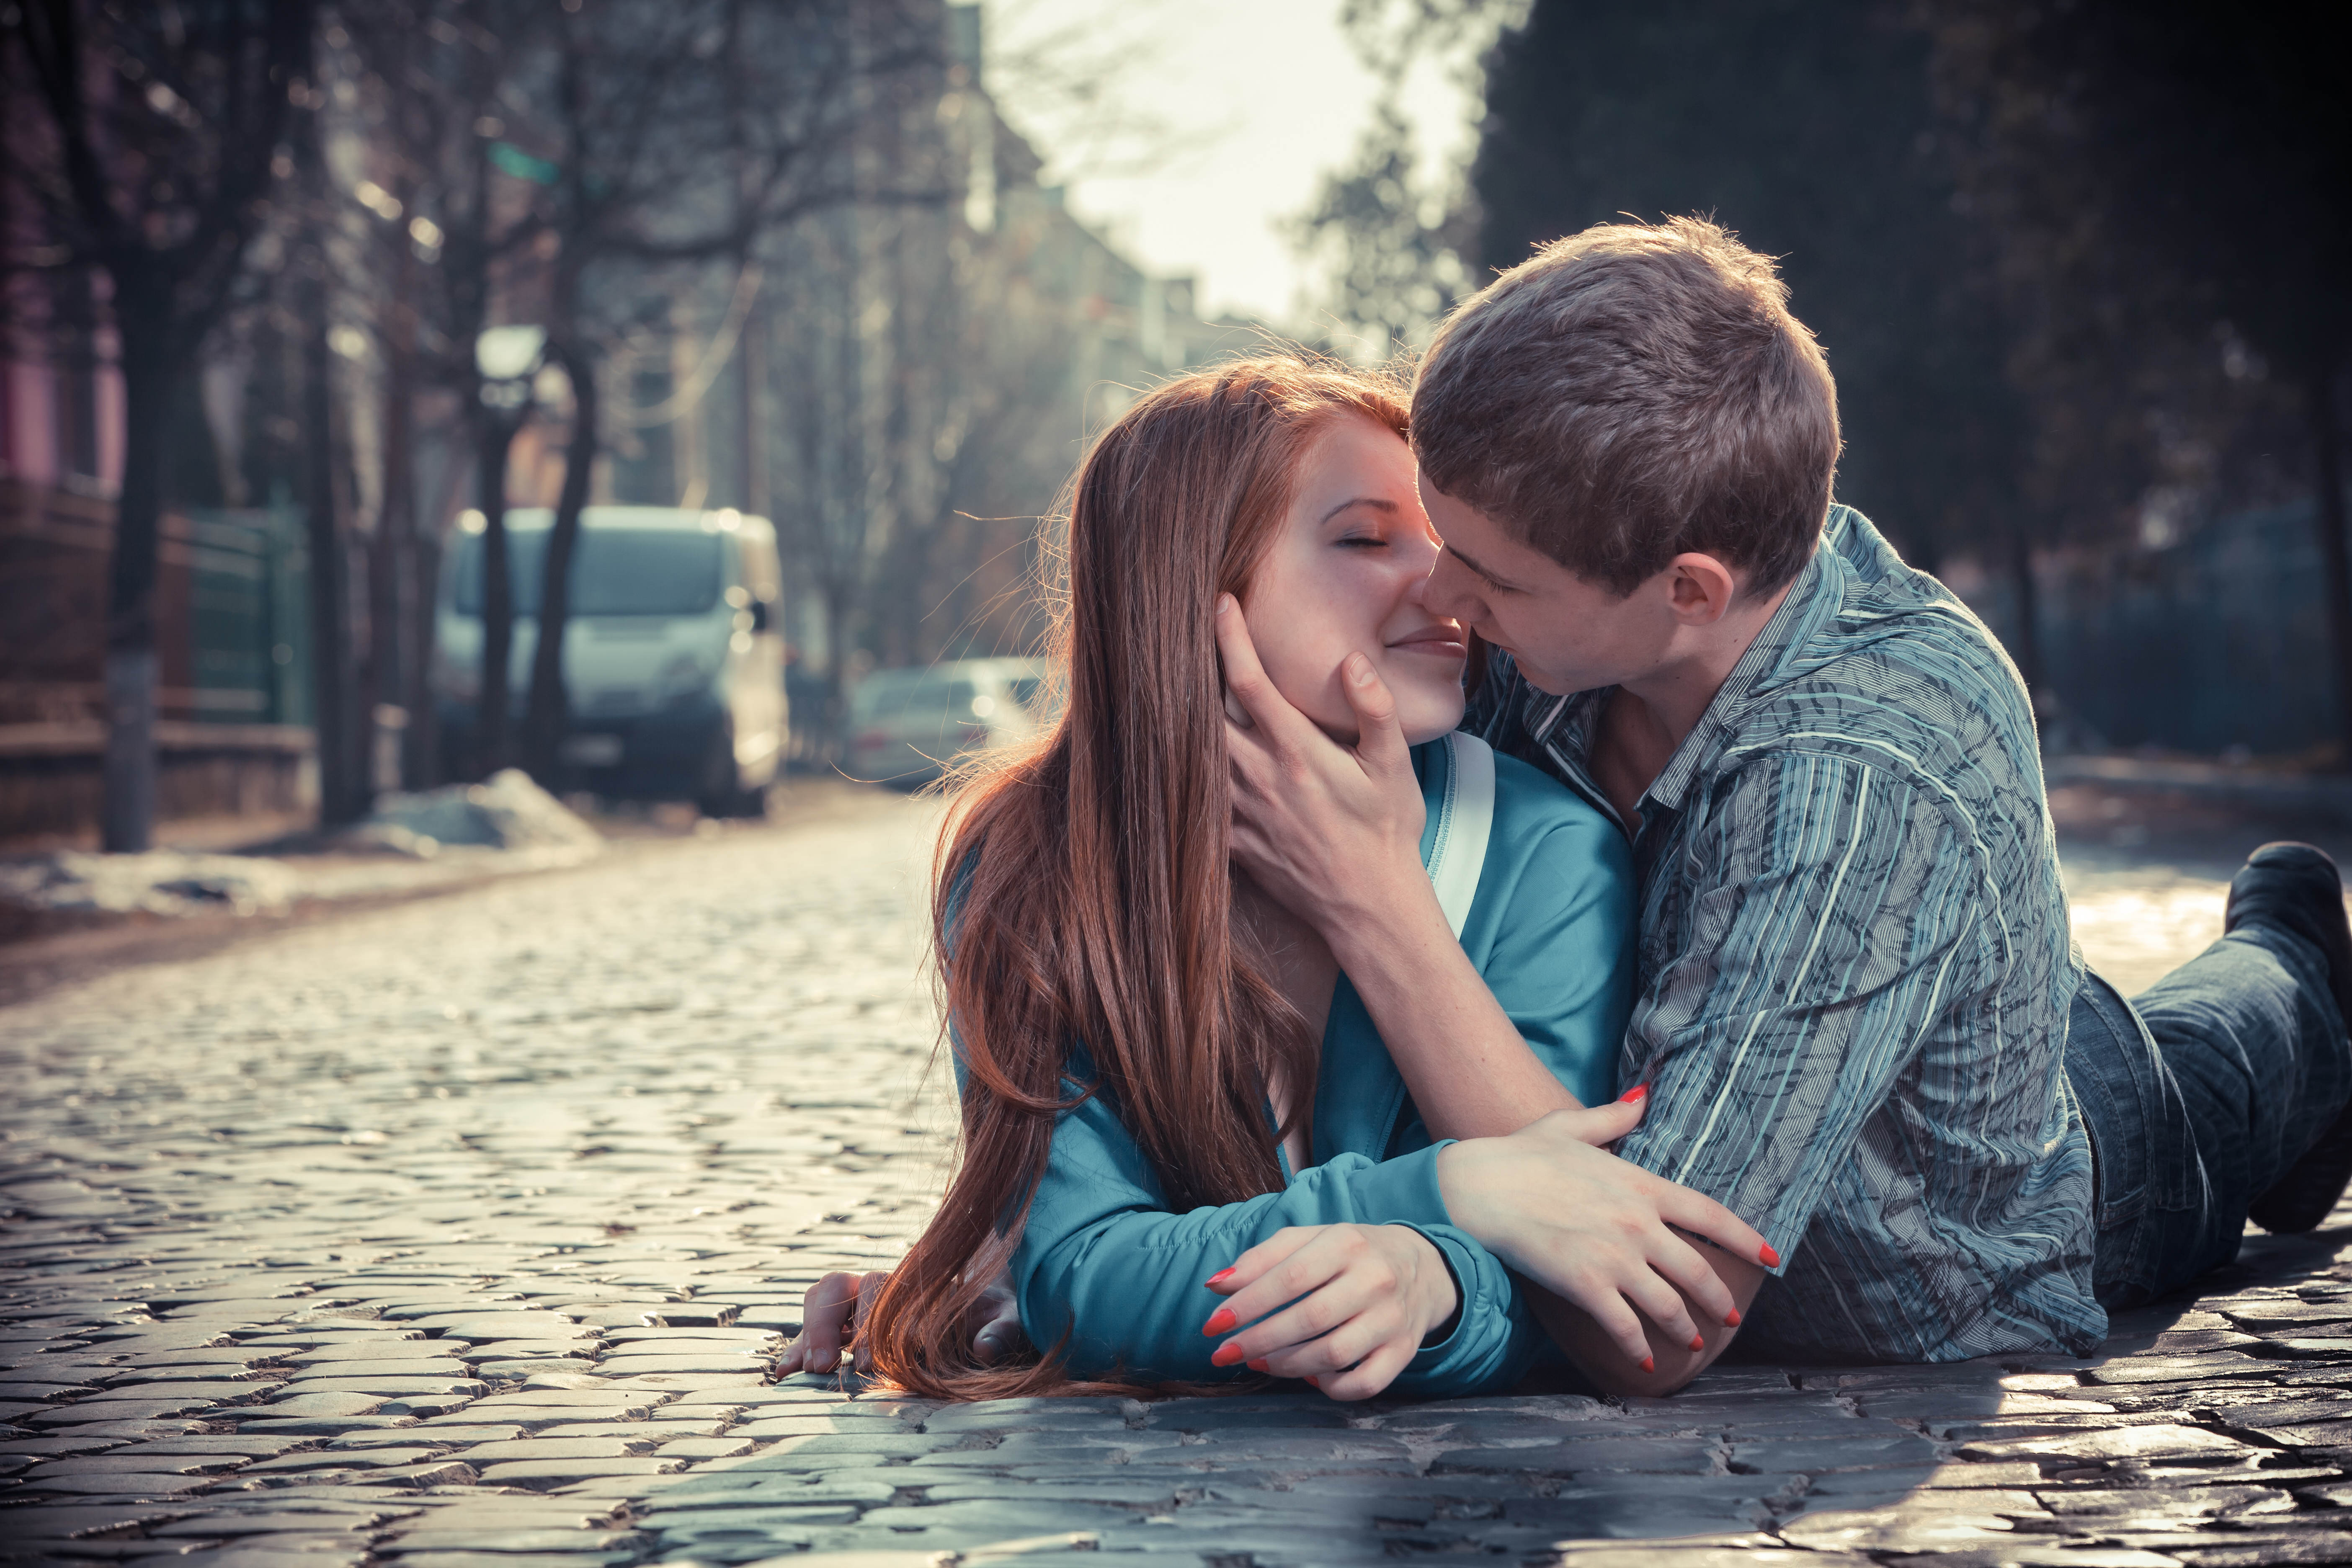 Смотреть онлайн парень подросток с женщиной 5 фотография